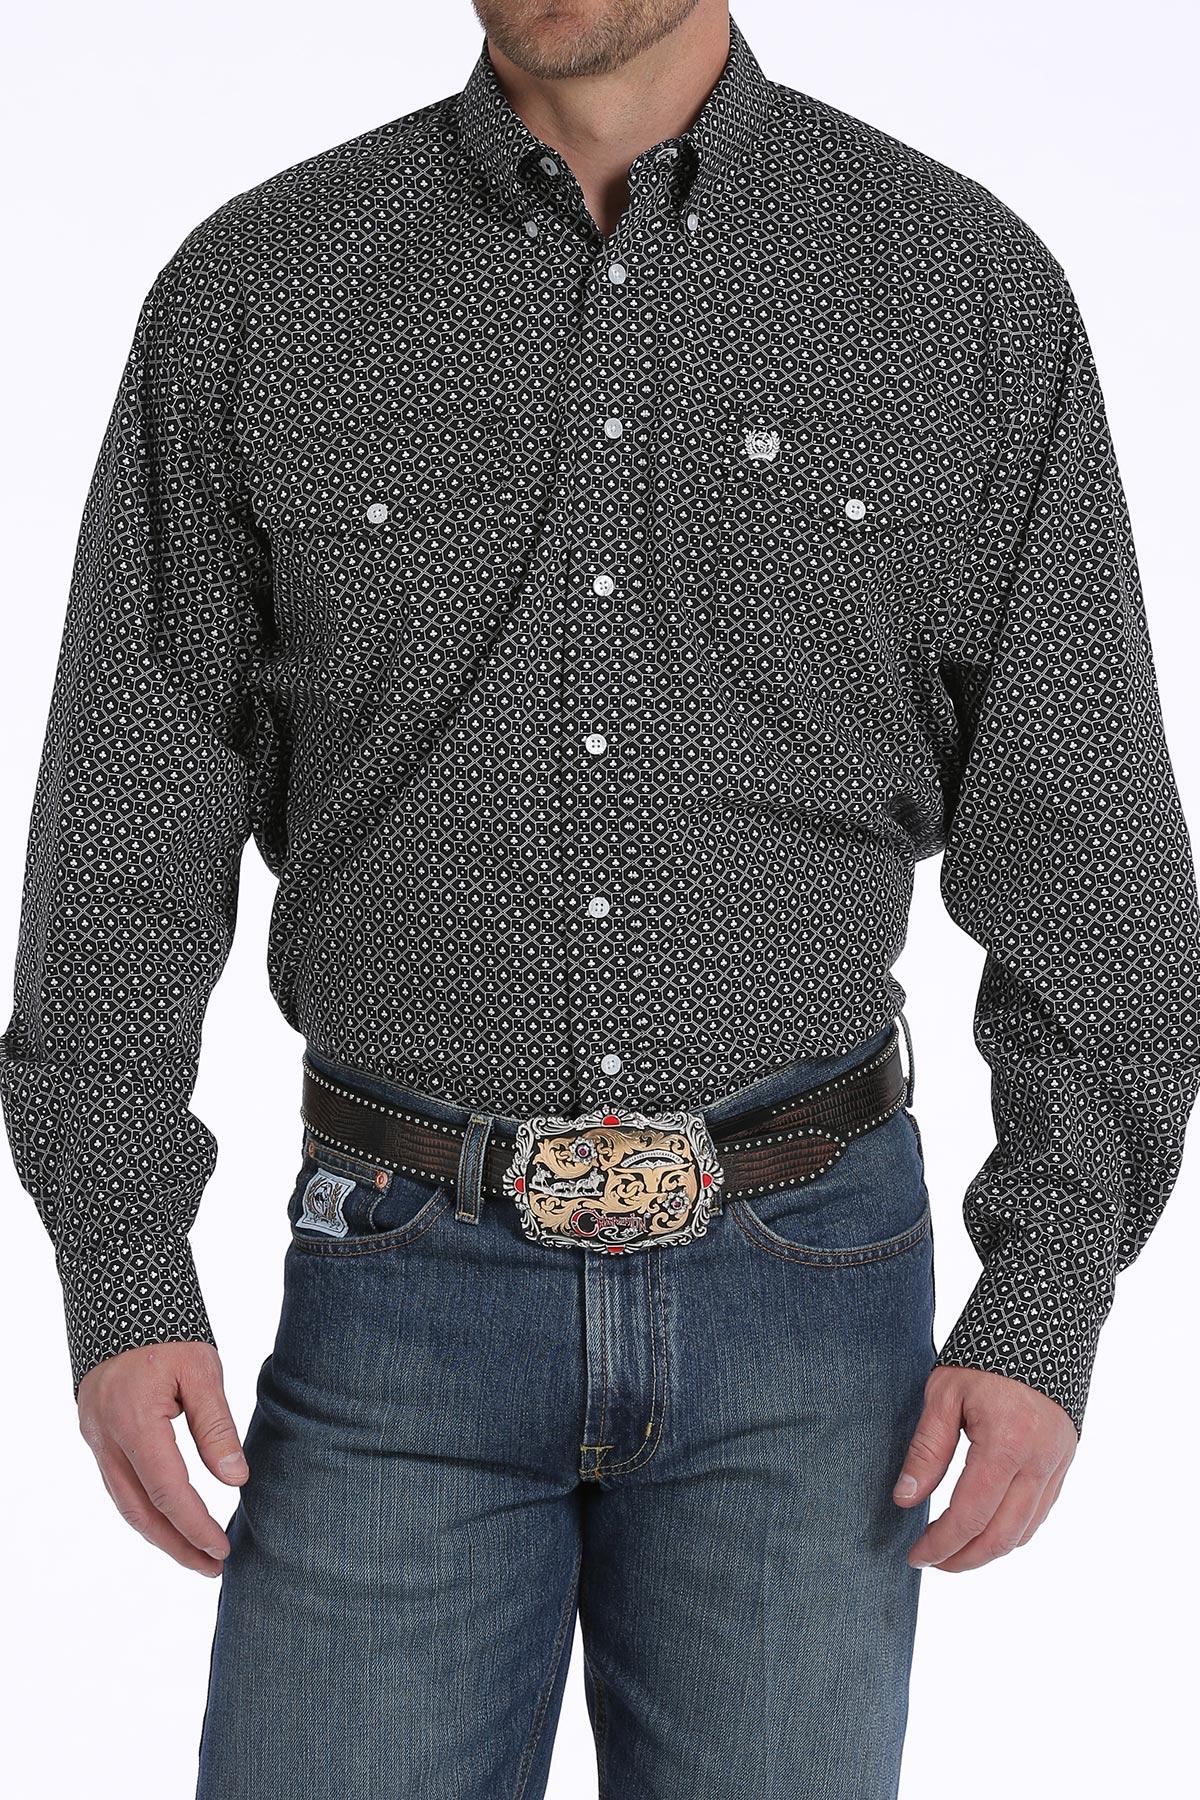 Cinch_8_seconds_western_wear